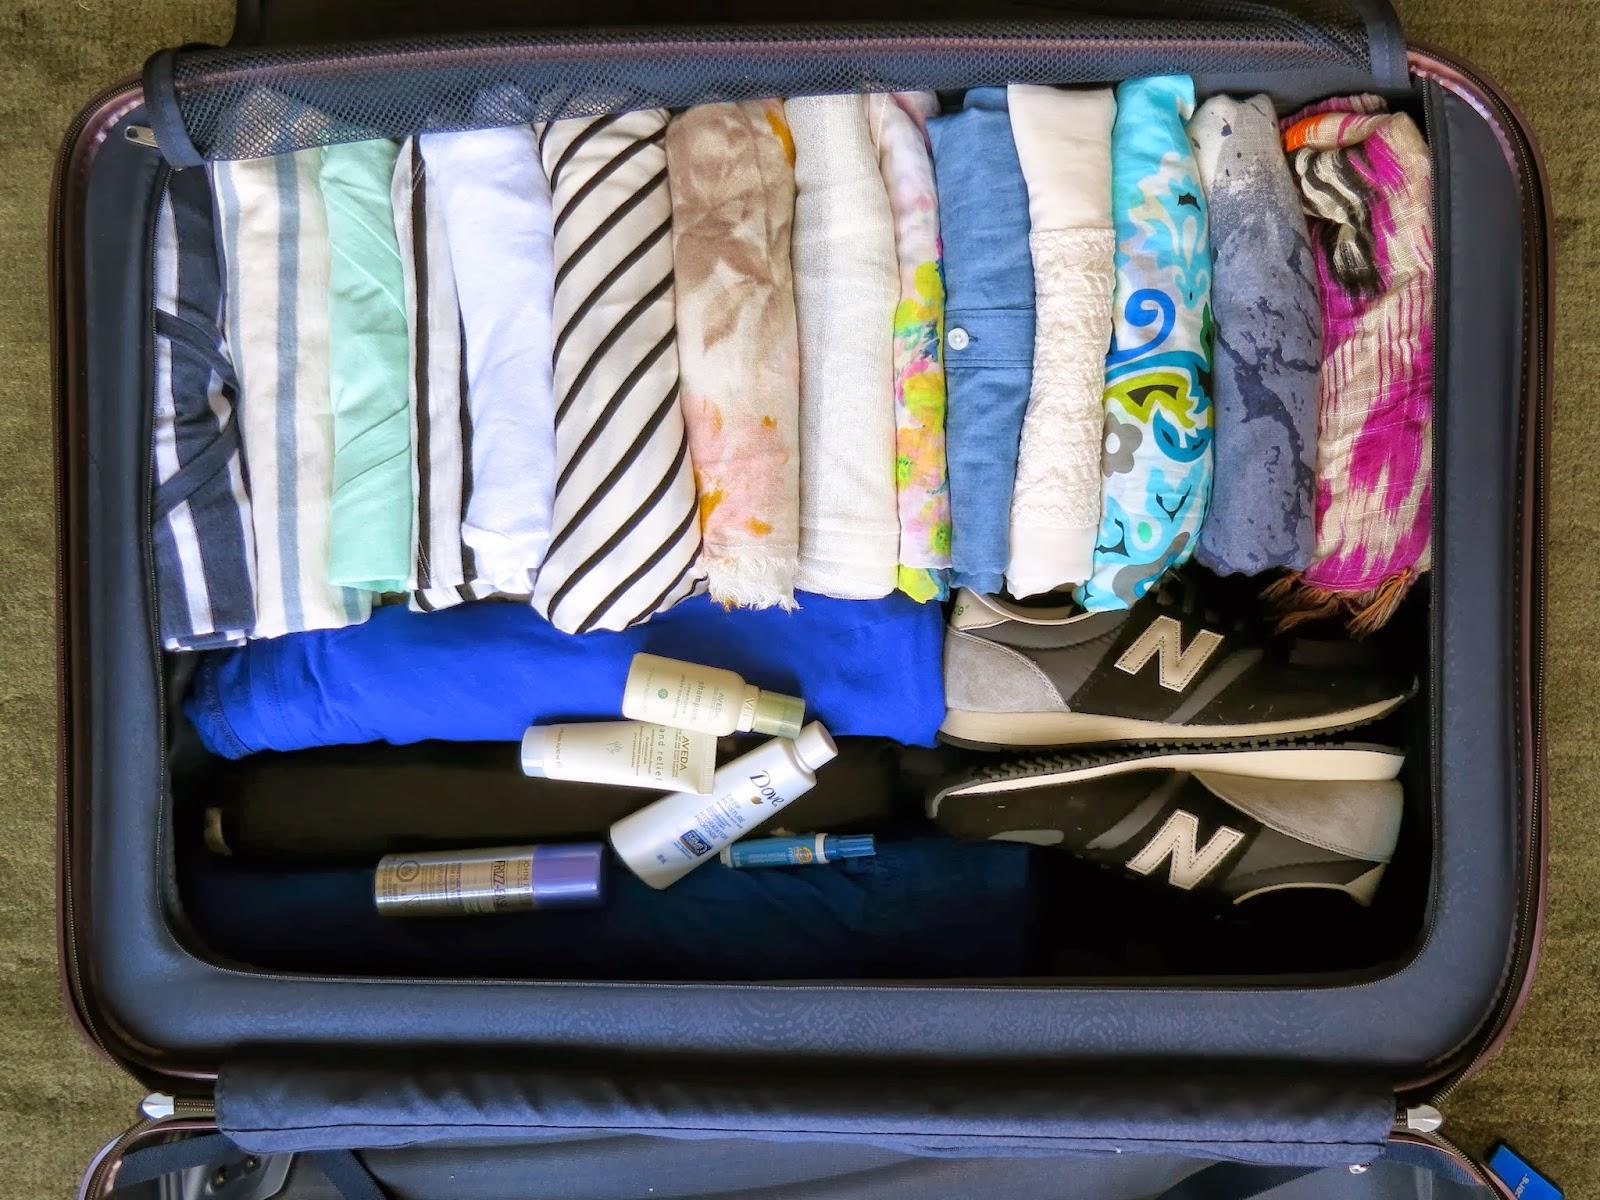 формальных картинки как упаковать чемодан относятся